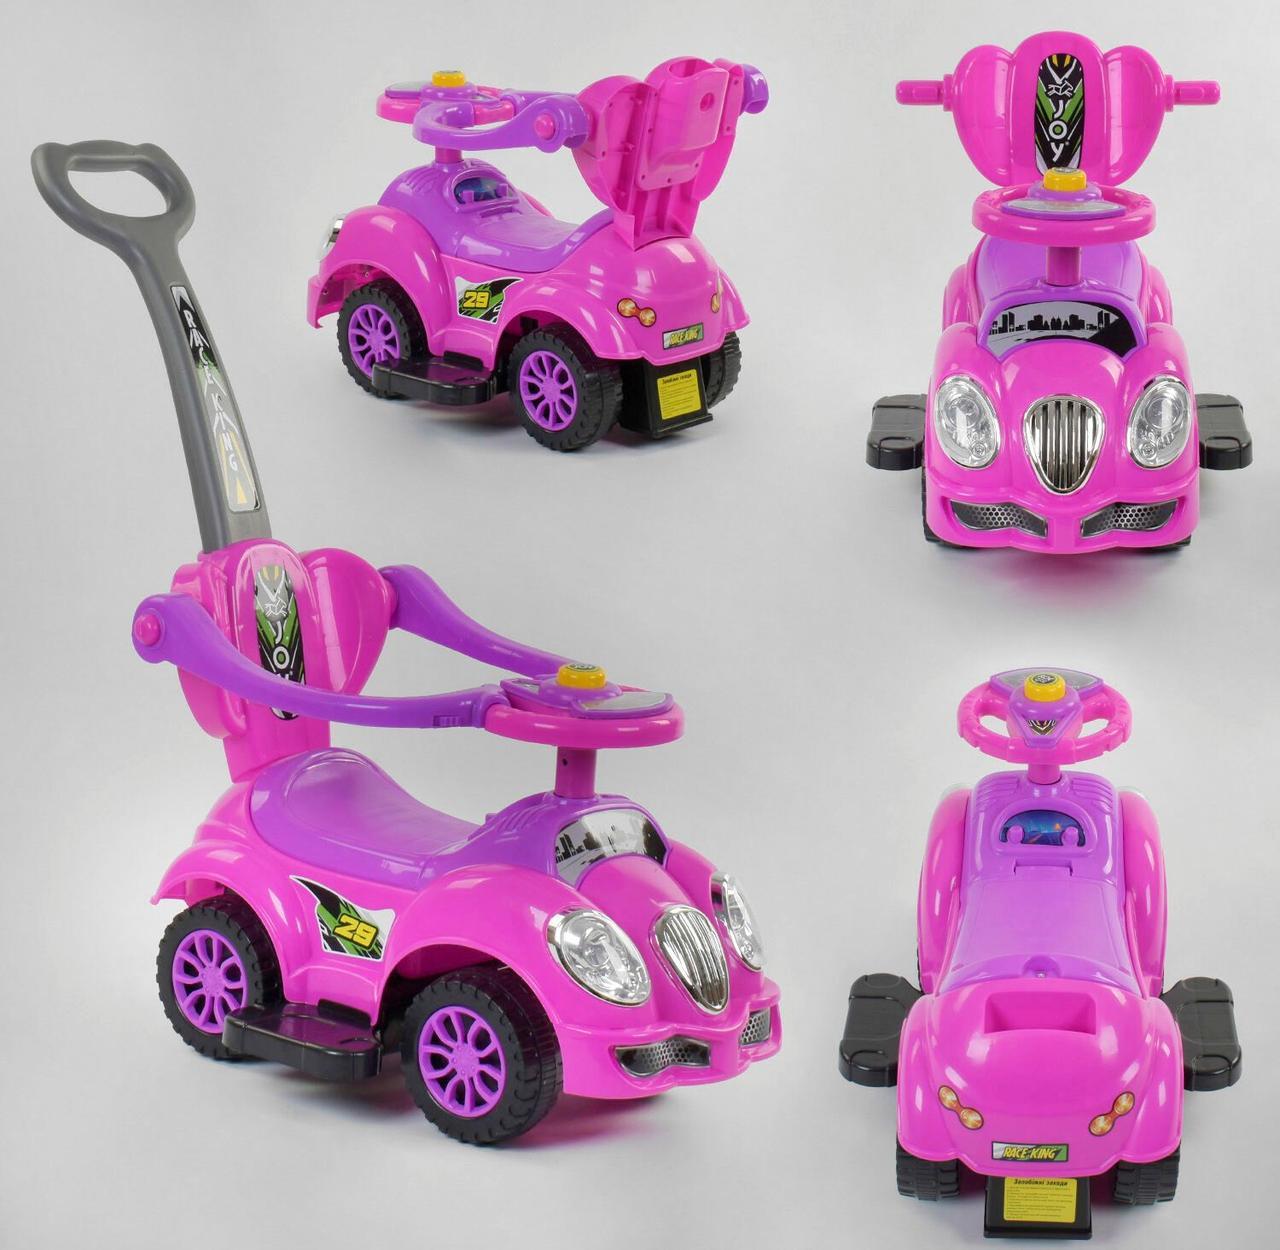 Машина-толокар JOY розовая, родительская ручка, 5 мелодий, съемный защитный бампер, багажник